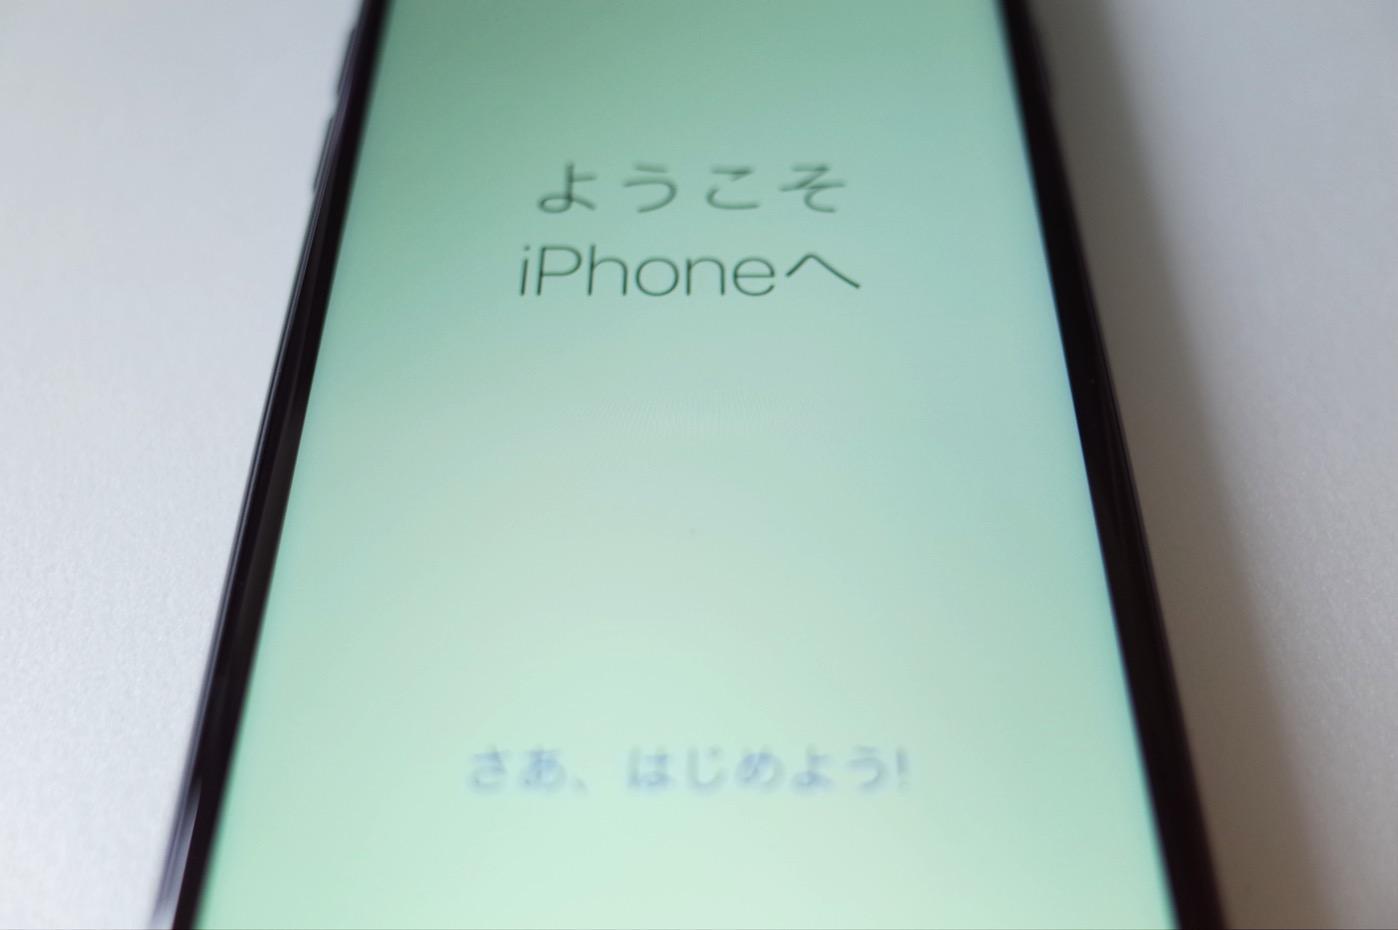 iPhone 7 ジェットブラック 256GB-34